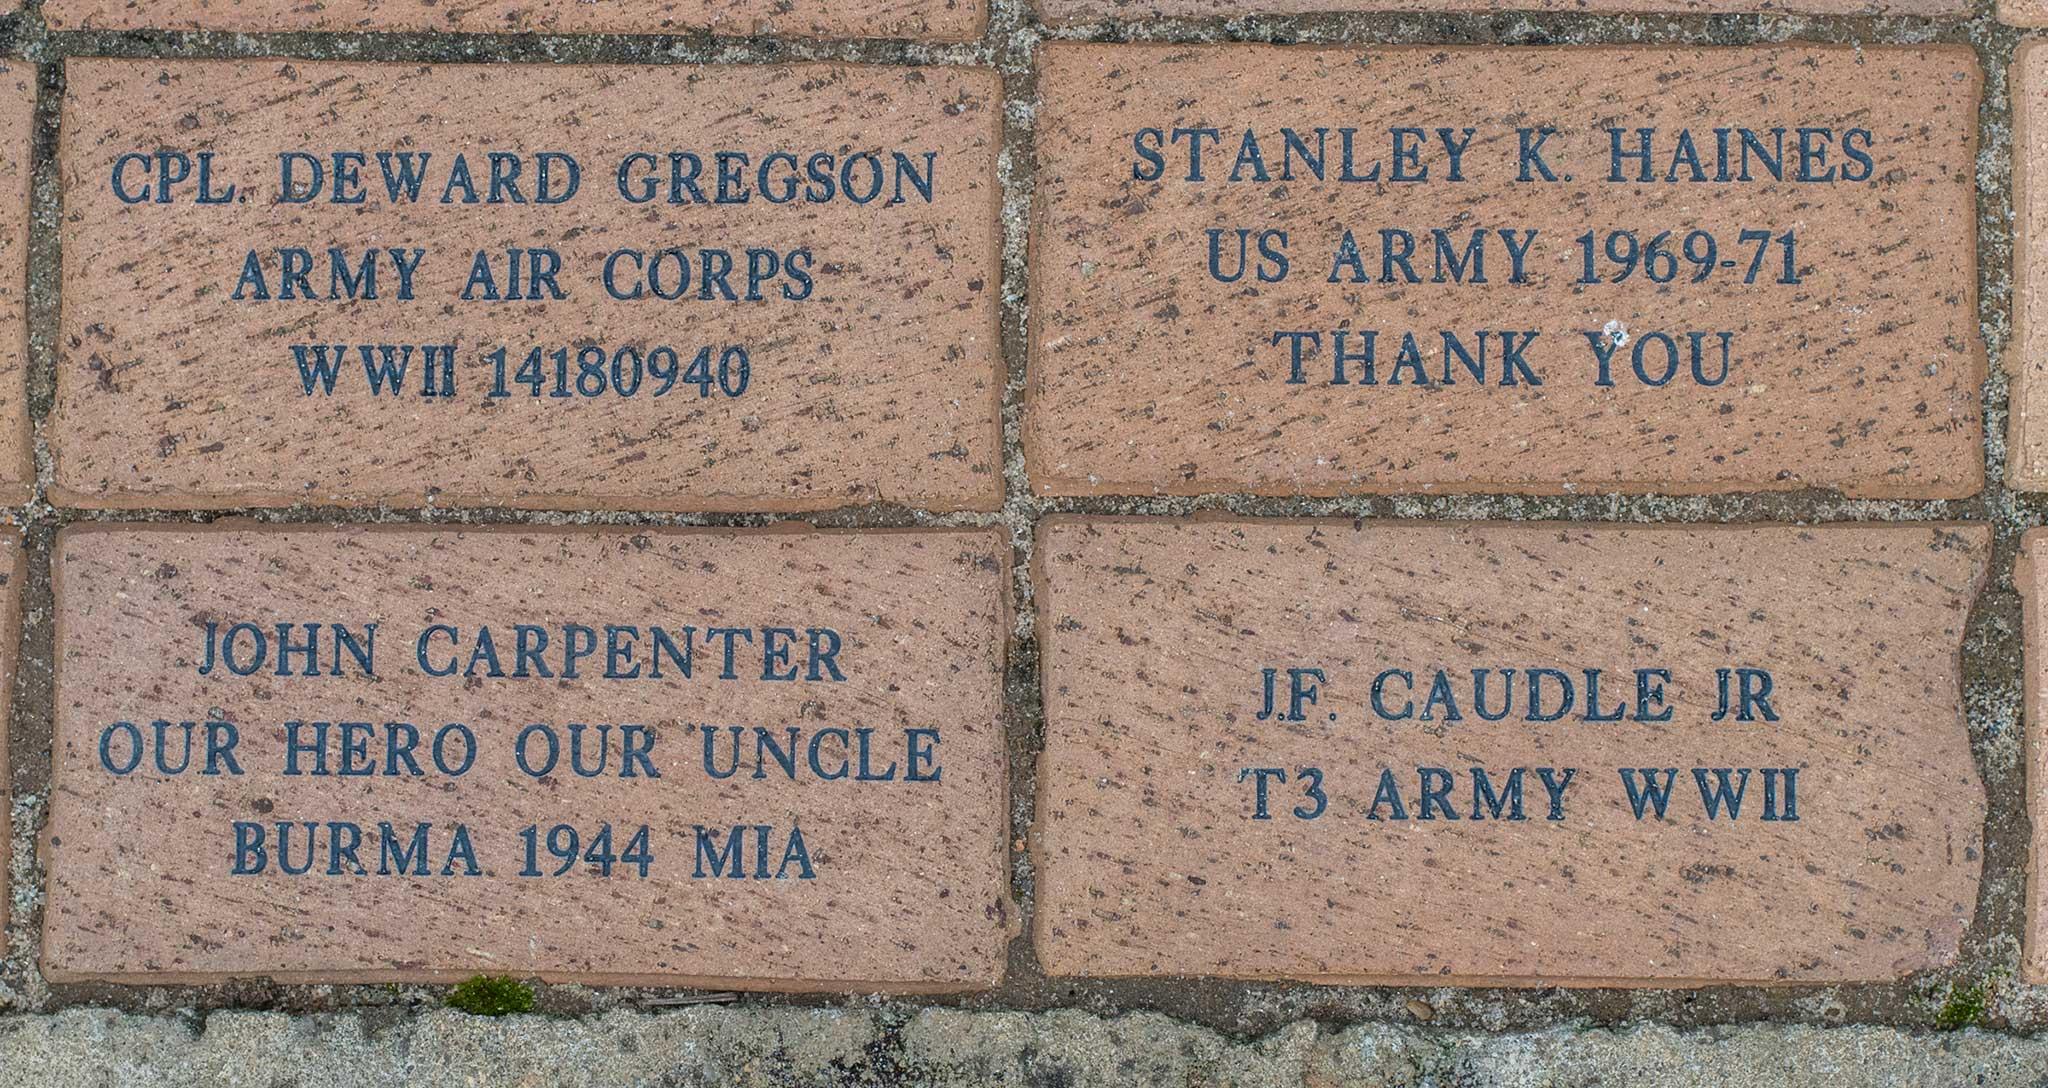 CPL DEWARD GREGSON ARMY AIR CORPS WWII 14180940